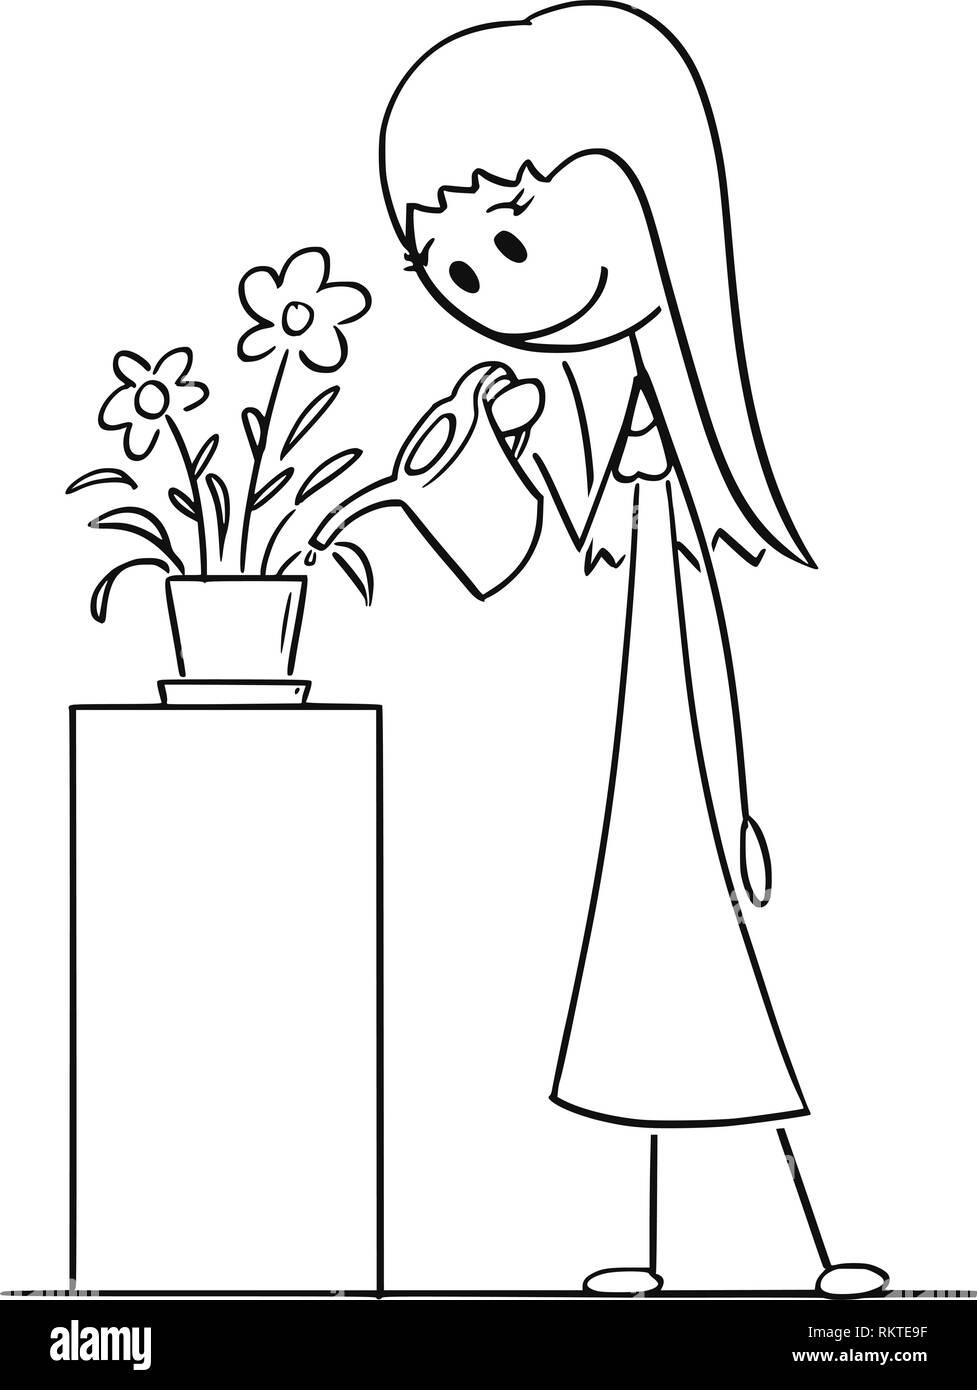 Disegno Animato Di Donna Impianto Di Irrigazione In Pentola O Vaso